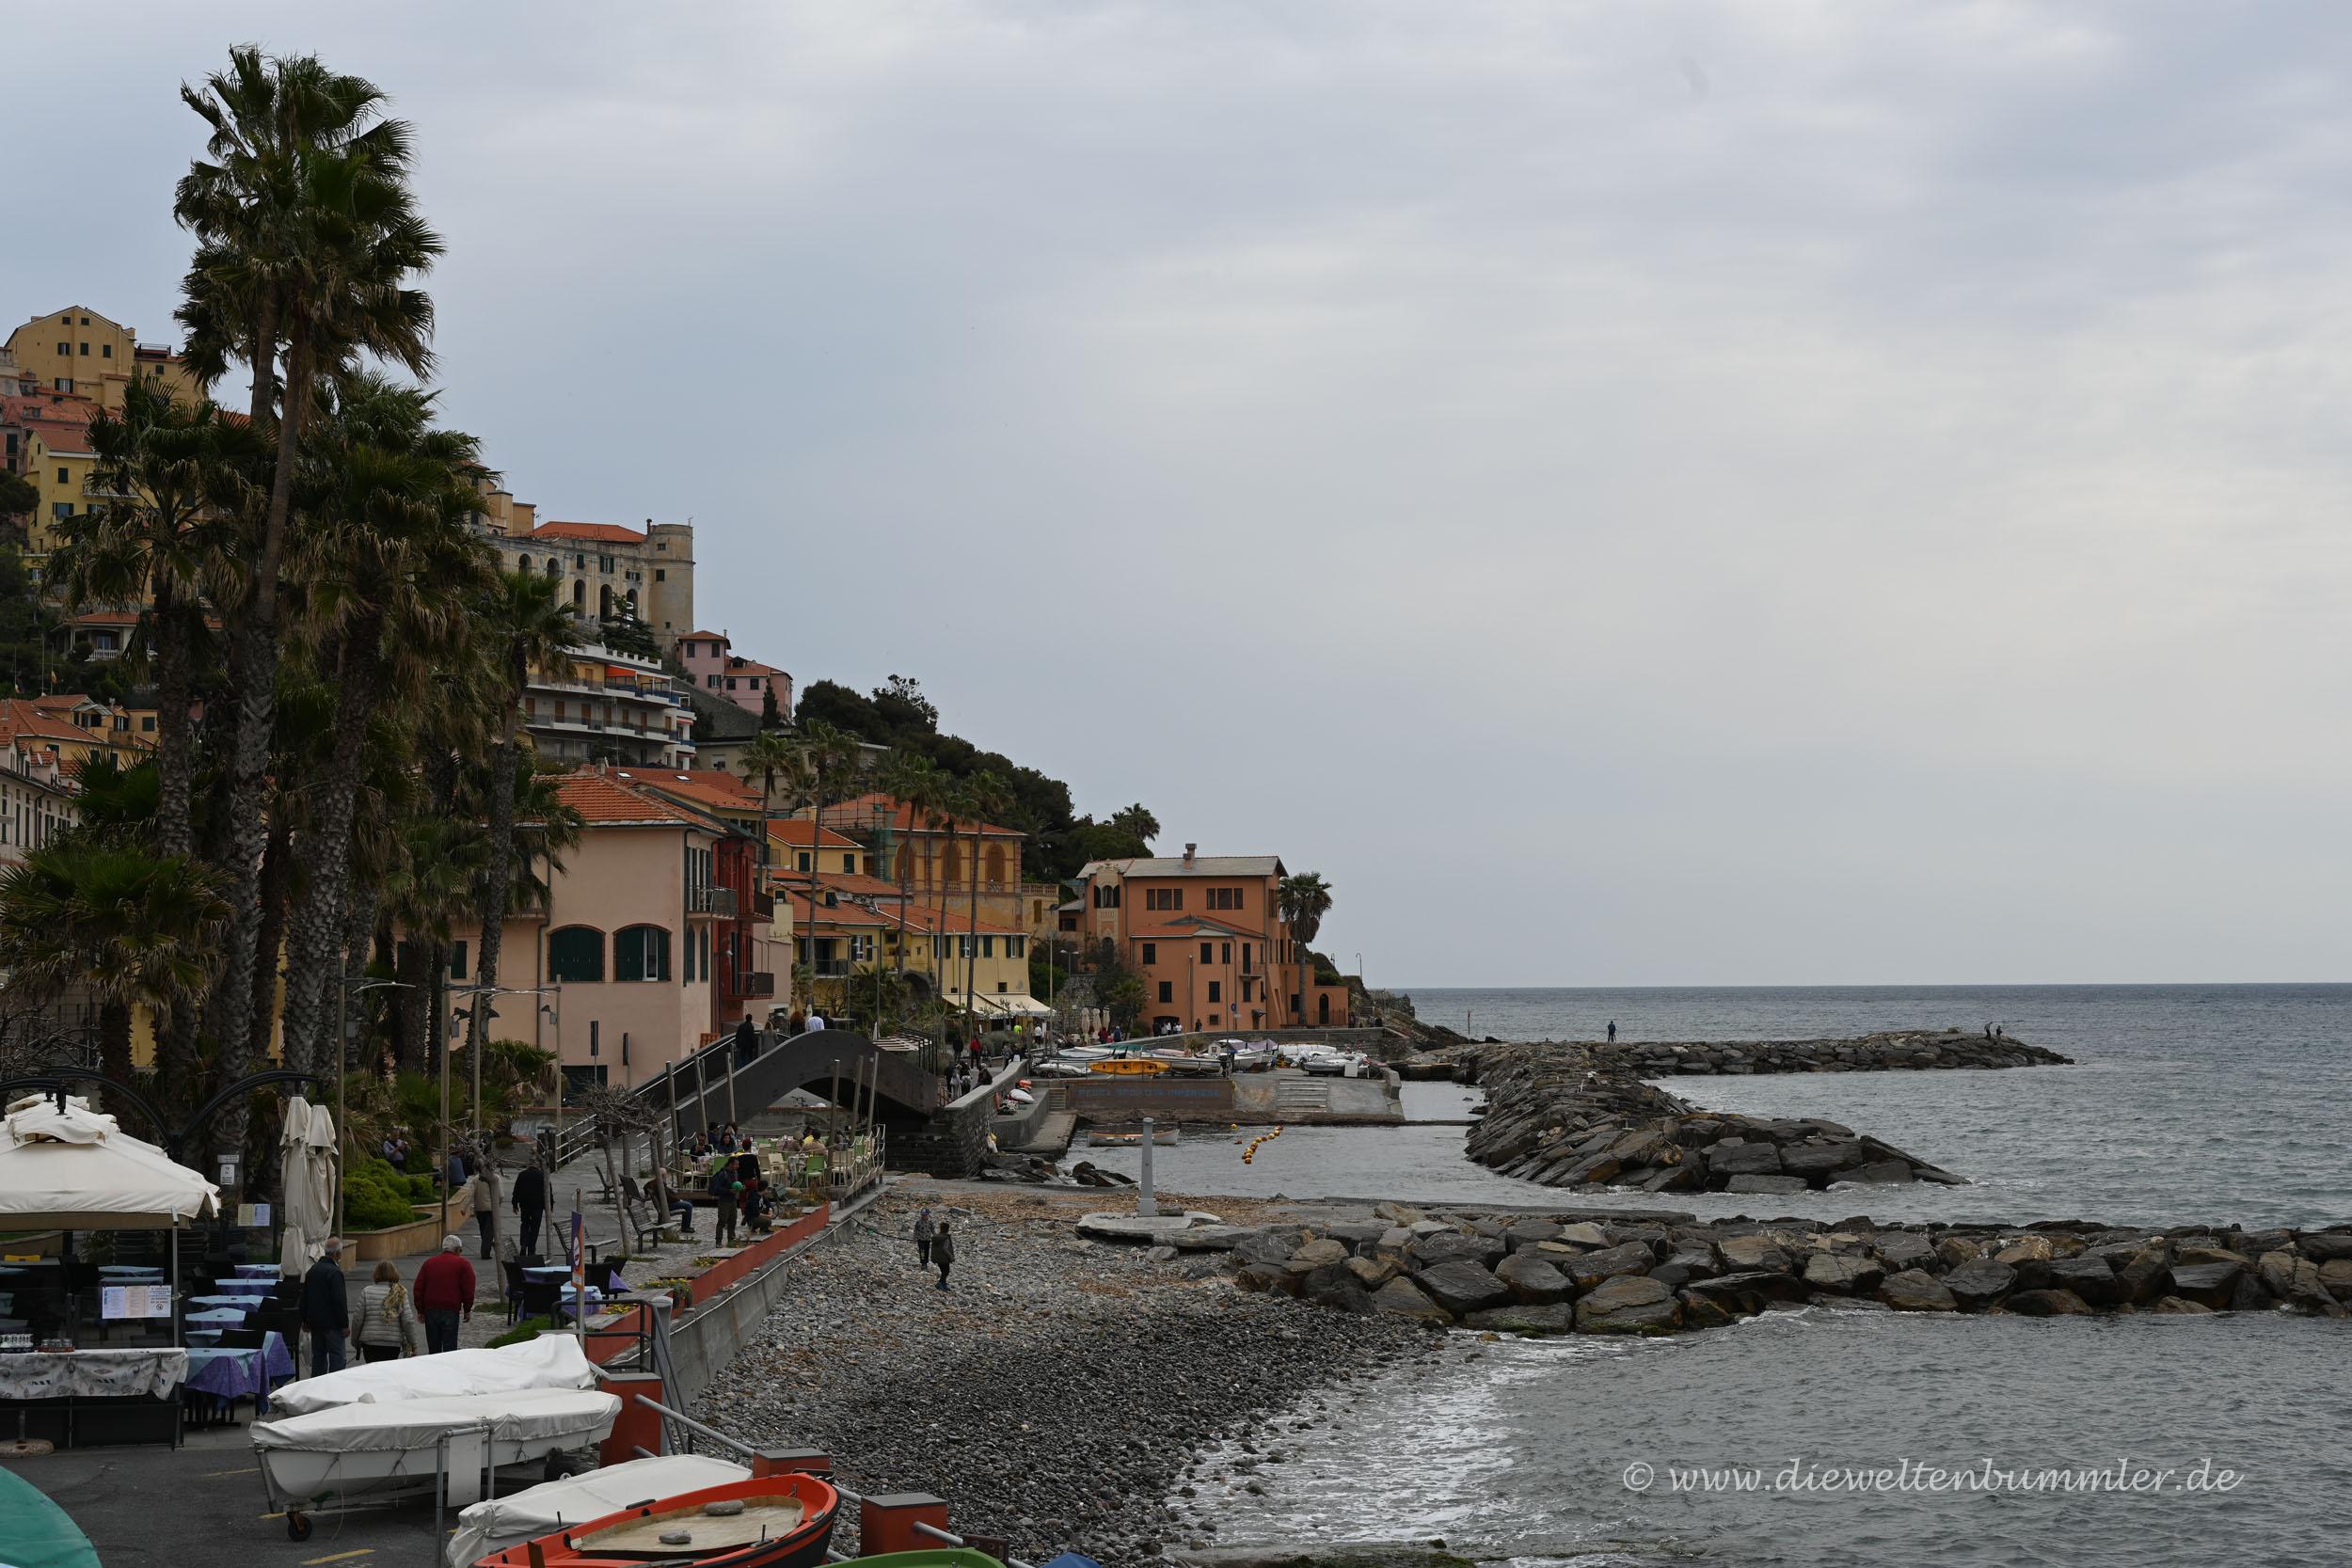 Das Mittelmeer gibt es bestimmt auch in schön